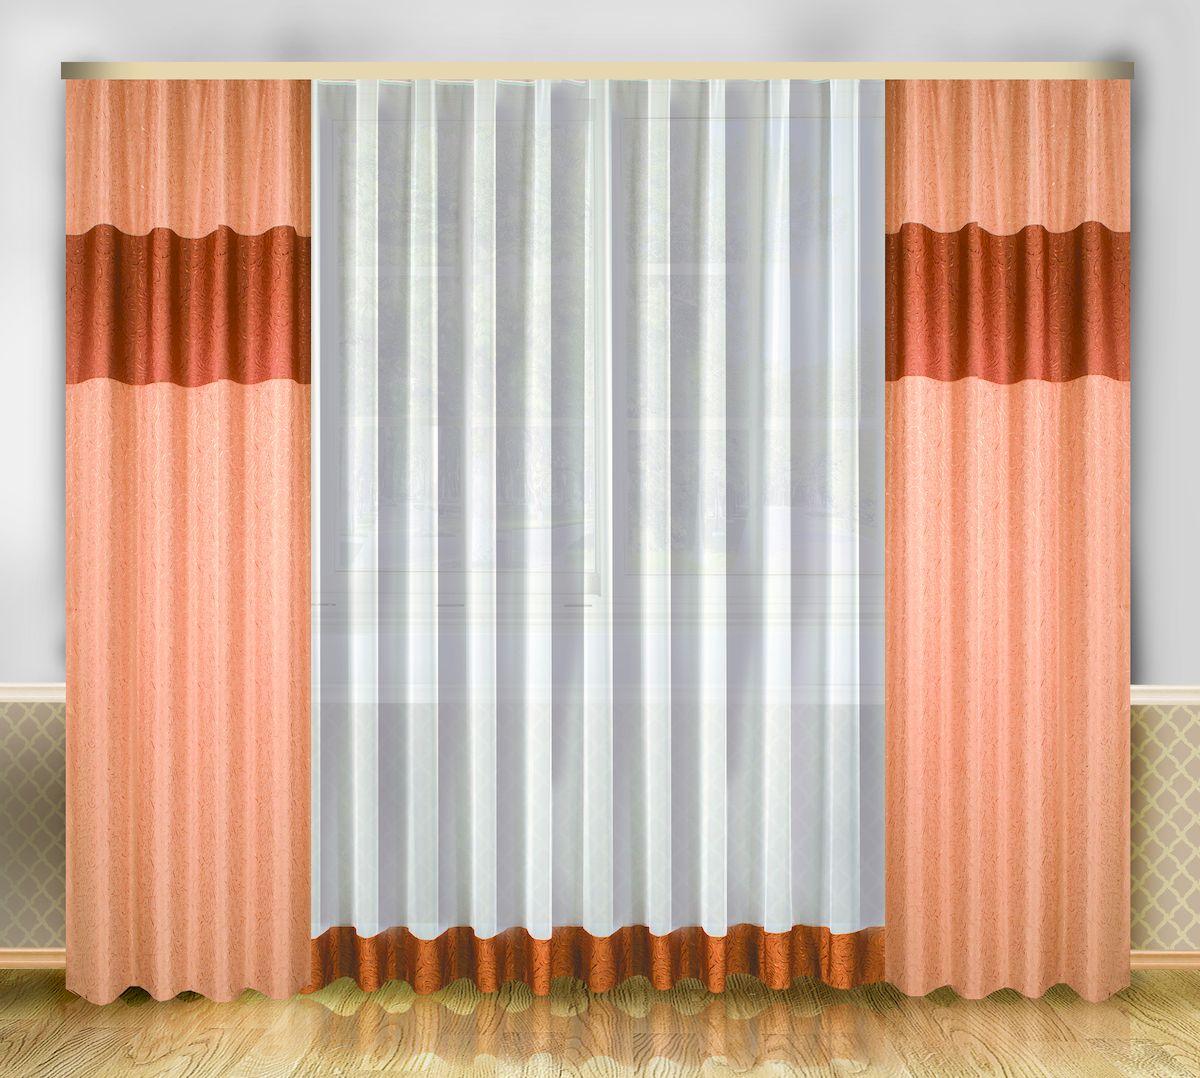 Комплект штор Zlata Korunka, на ленте, цвет: персиковый, высота 250 см. 6661966619Роскошный комплект штор Zlata Korunka, выполненный из полиэстера, великолепно украсит любое окно. Комплект состоит из тюля и двух штор. Изящный узор и приятная цветовая гамма привлекут к себе внимание и органично впишутся в интерьер помещения. Этот комплект будет долгое время радовать вас и вашу семью! Комплект крепится на карниз при помощи ленты, которая поможет красиво и равномерно задрапировать верх. В комплект входит: Тюль: 1 шт. Размер (Ш х В): 290 см х 250 см. Штора: 2 шт. Размер (Ш х В): 138 см х 250 см.